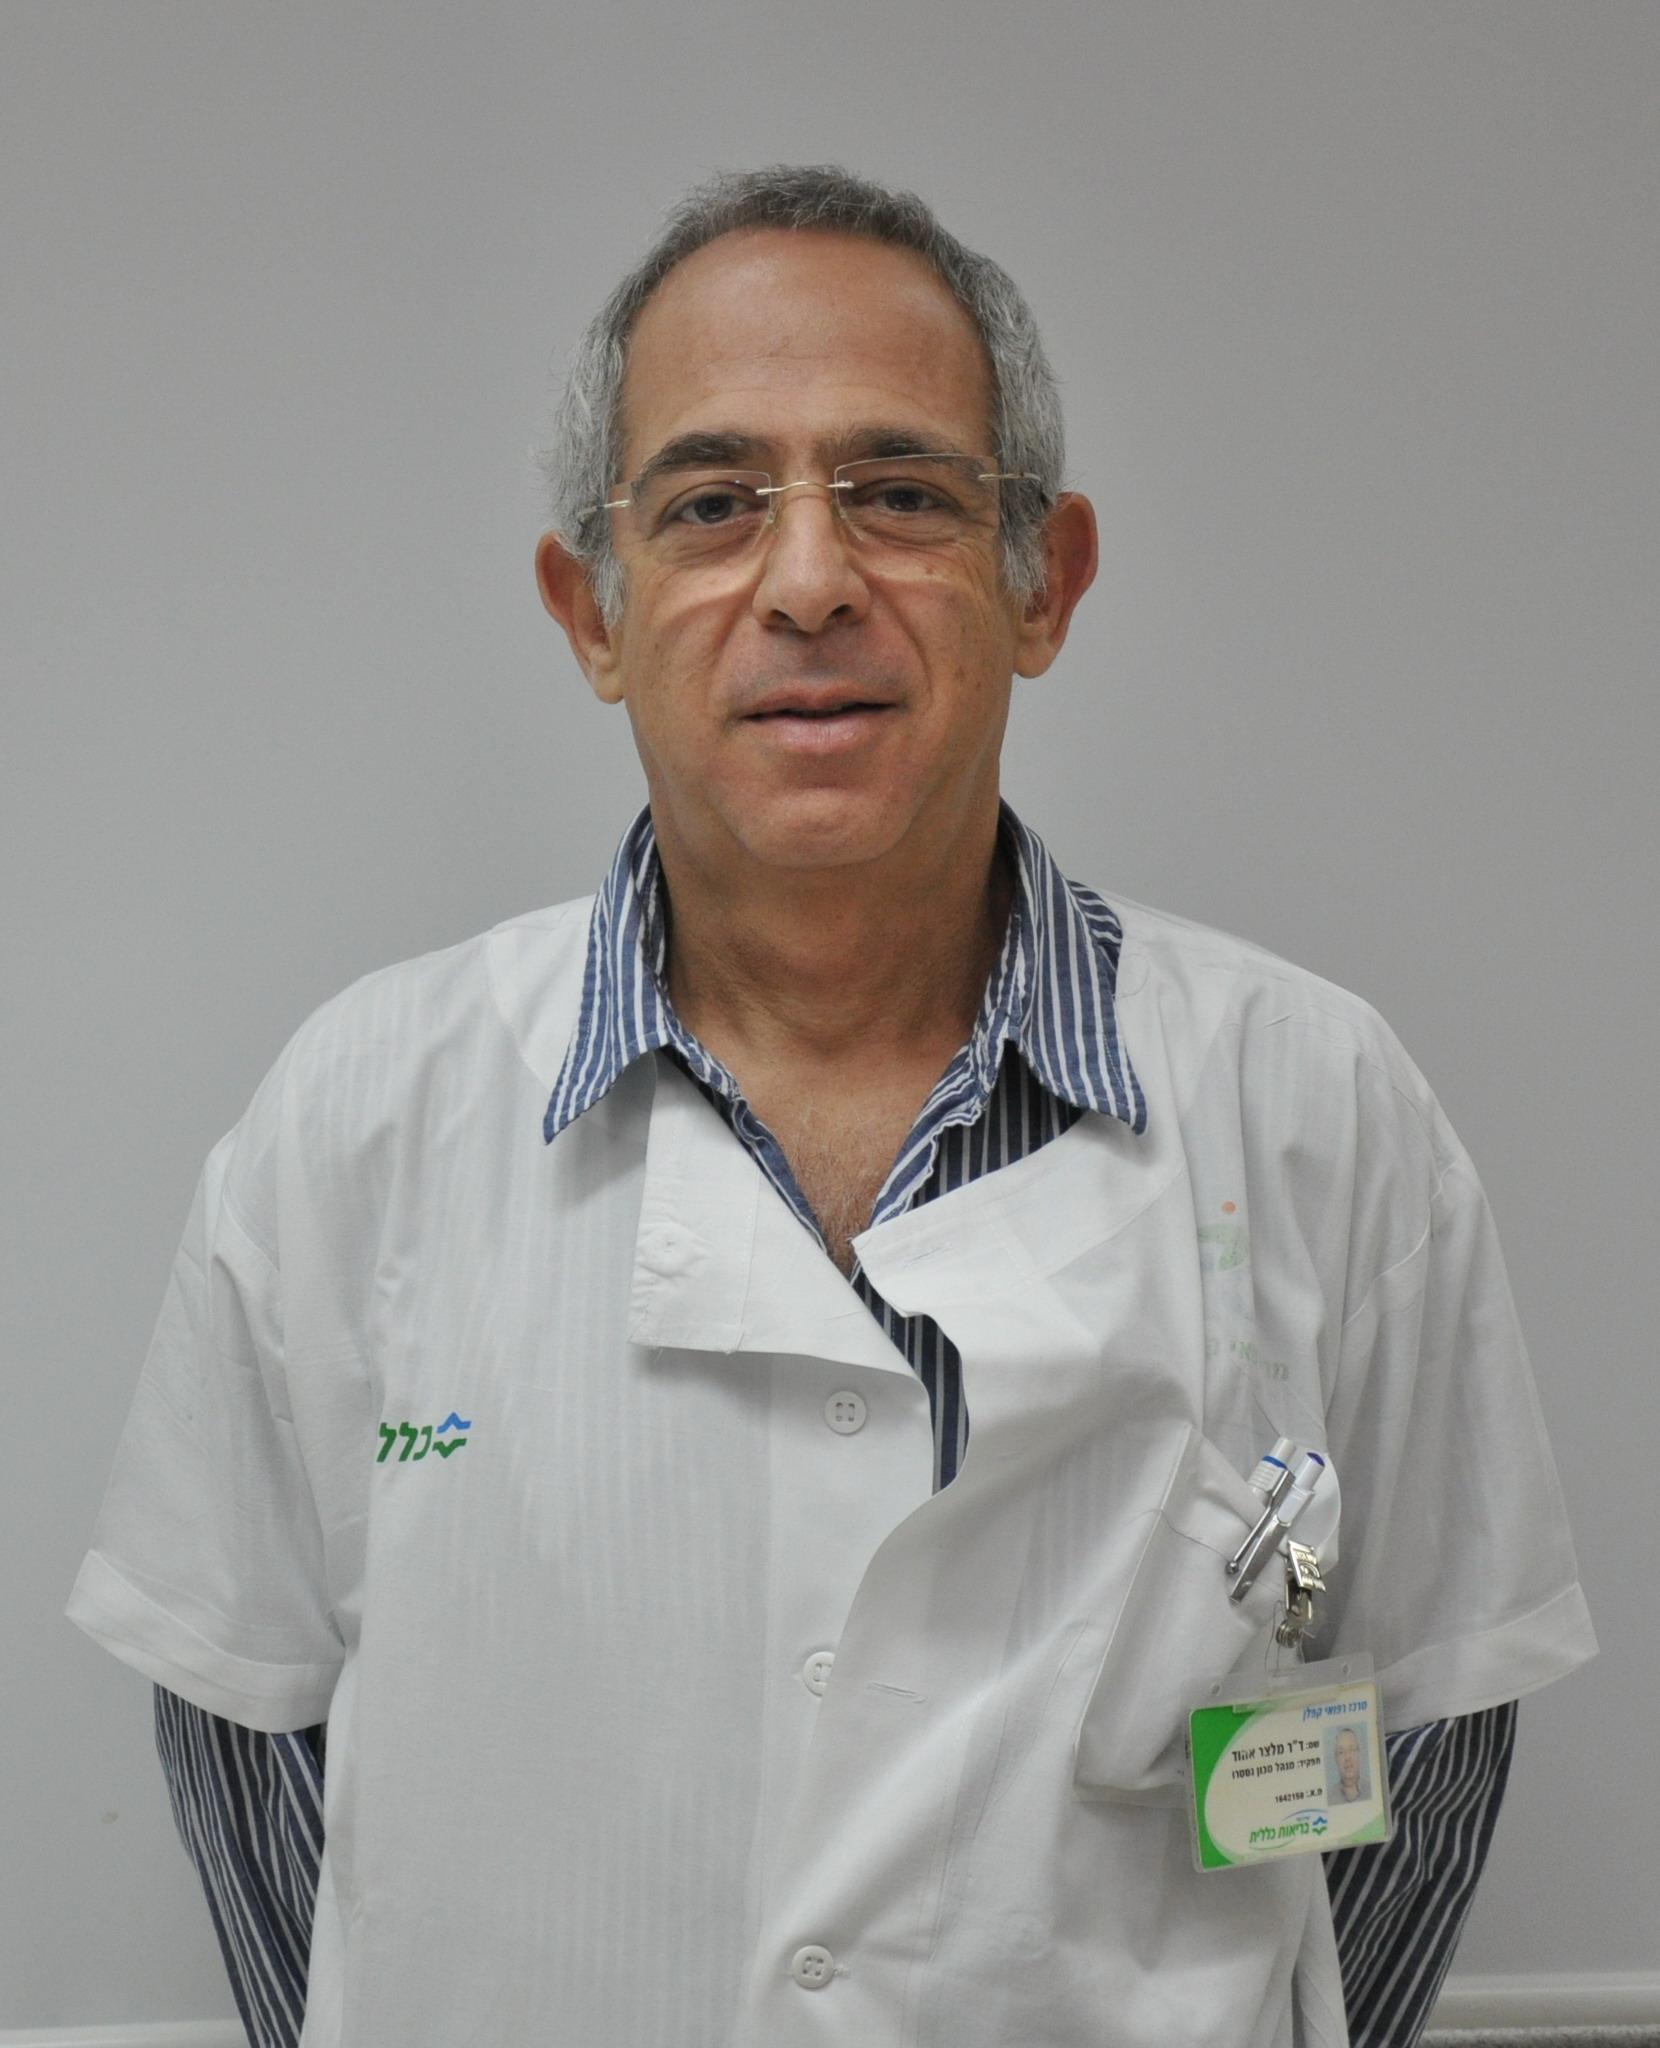 דוקטור אהוד מלצר - תמונת פרופיל